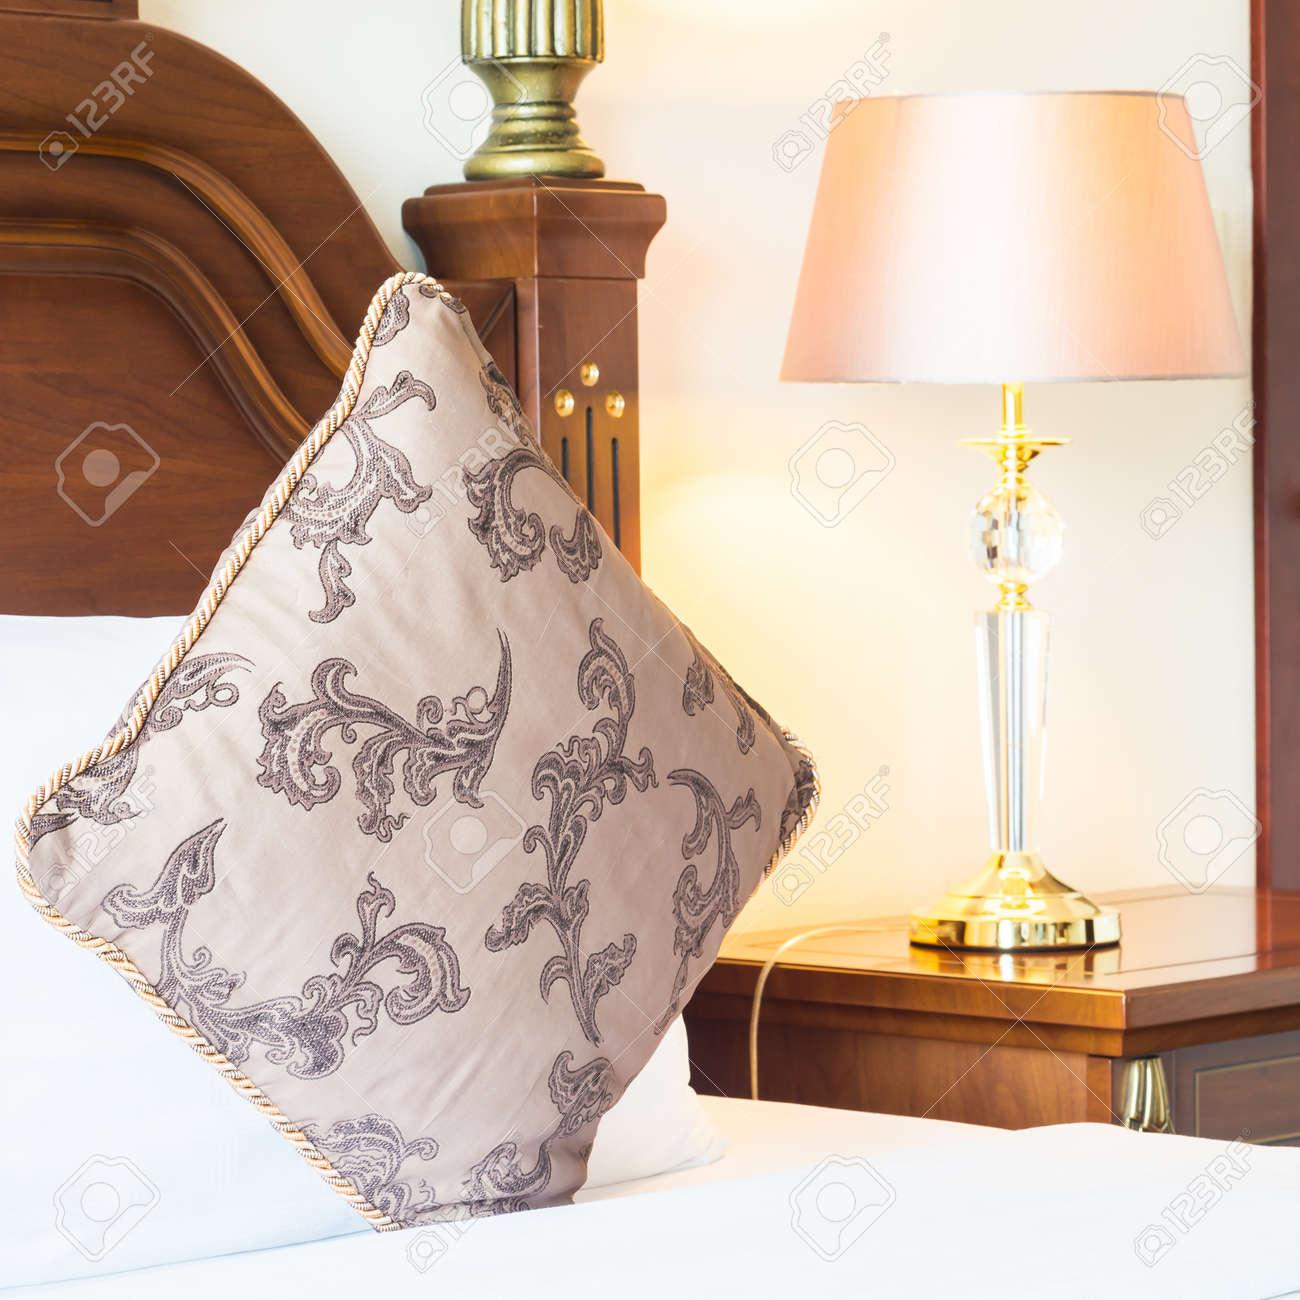 Fantastisch Kissen Auf Dem Bett Mit Licht Lampe Dekoration Im Schlafzimmer Innenraum  Standard Bild   46594037